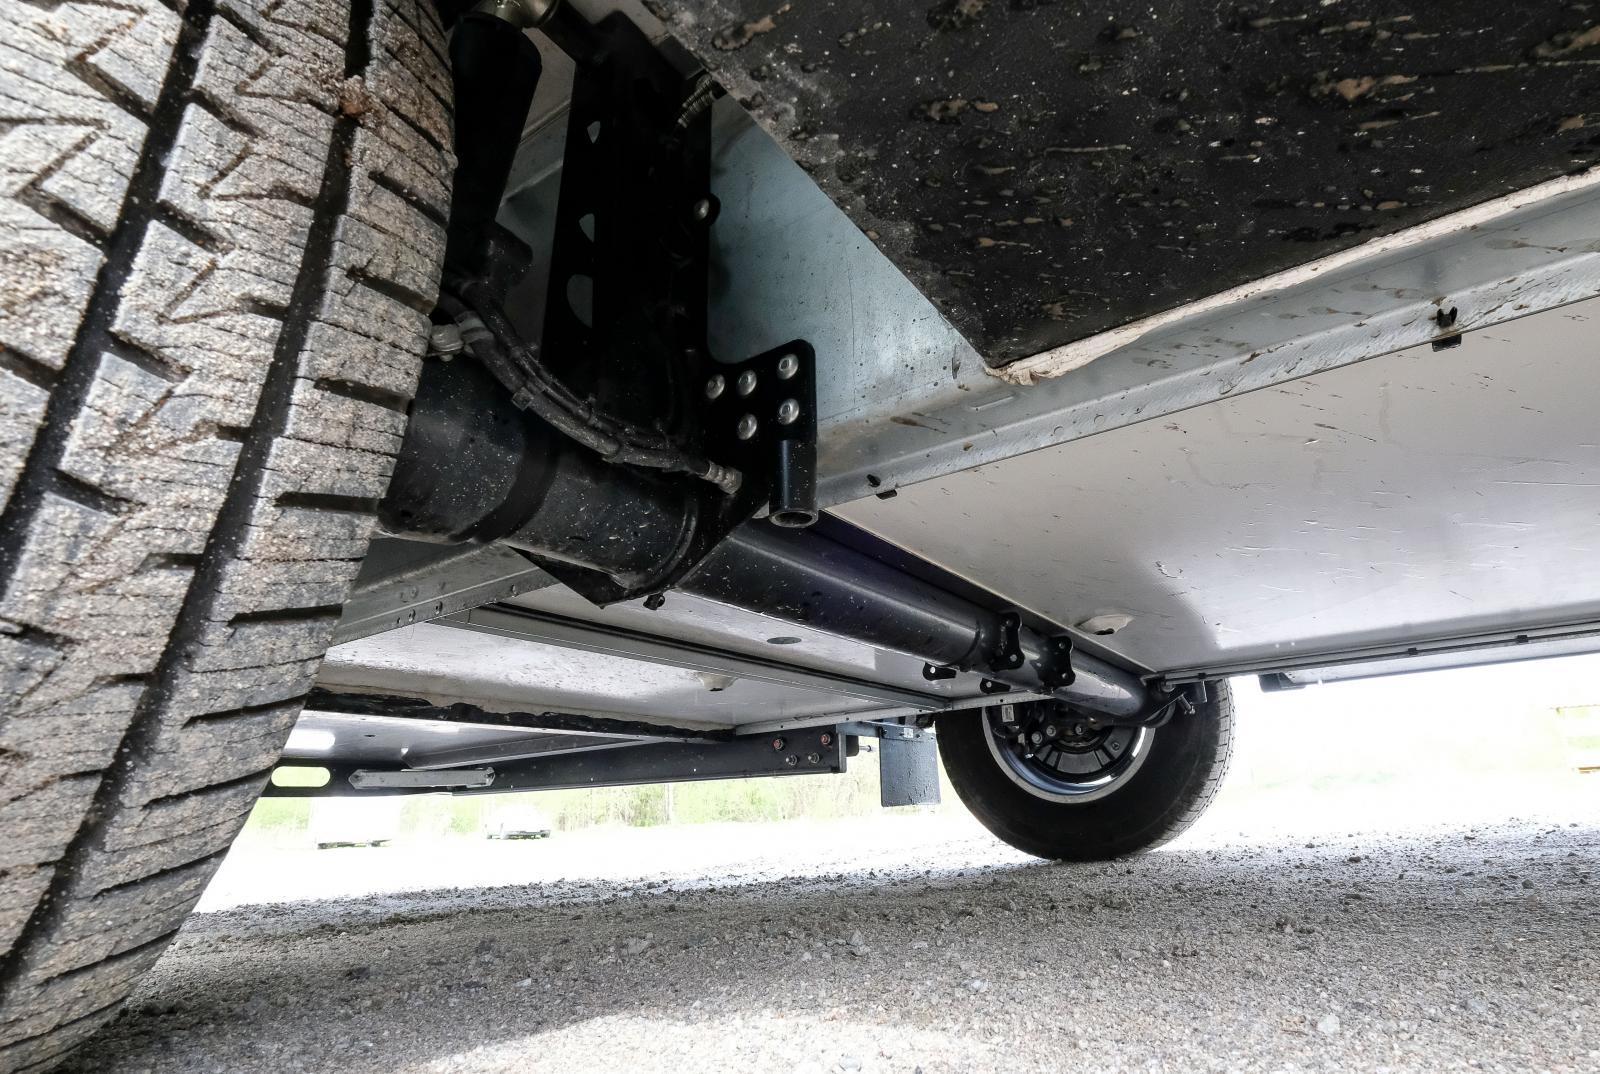 SLC-chassit ger en planare undersida som i sin tur betyder mindre luftmotstånd.